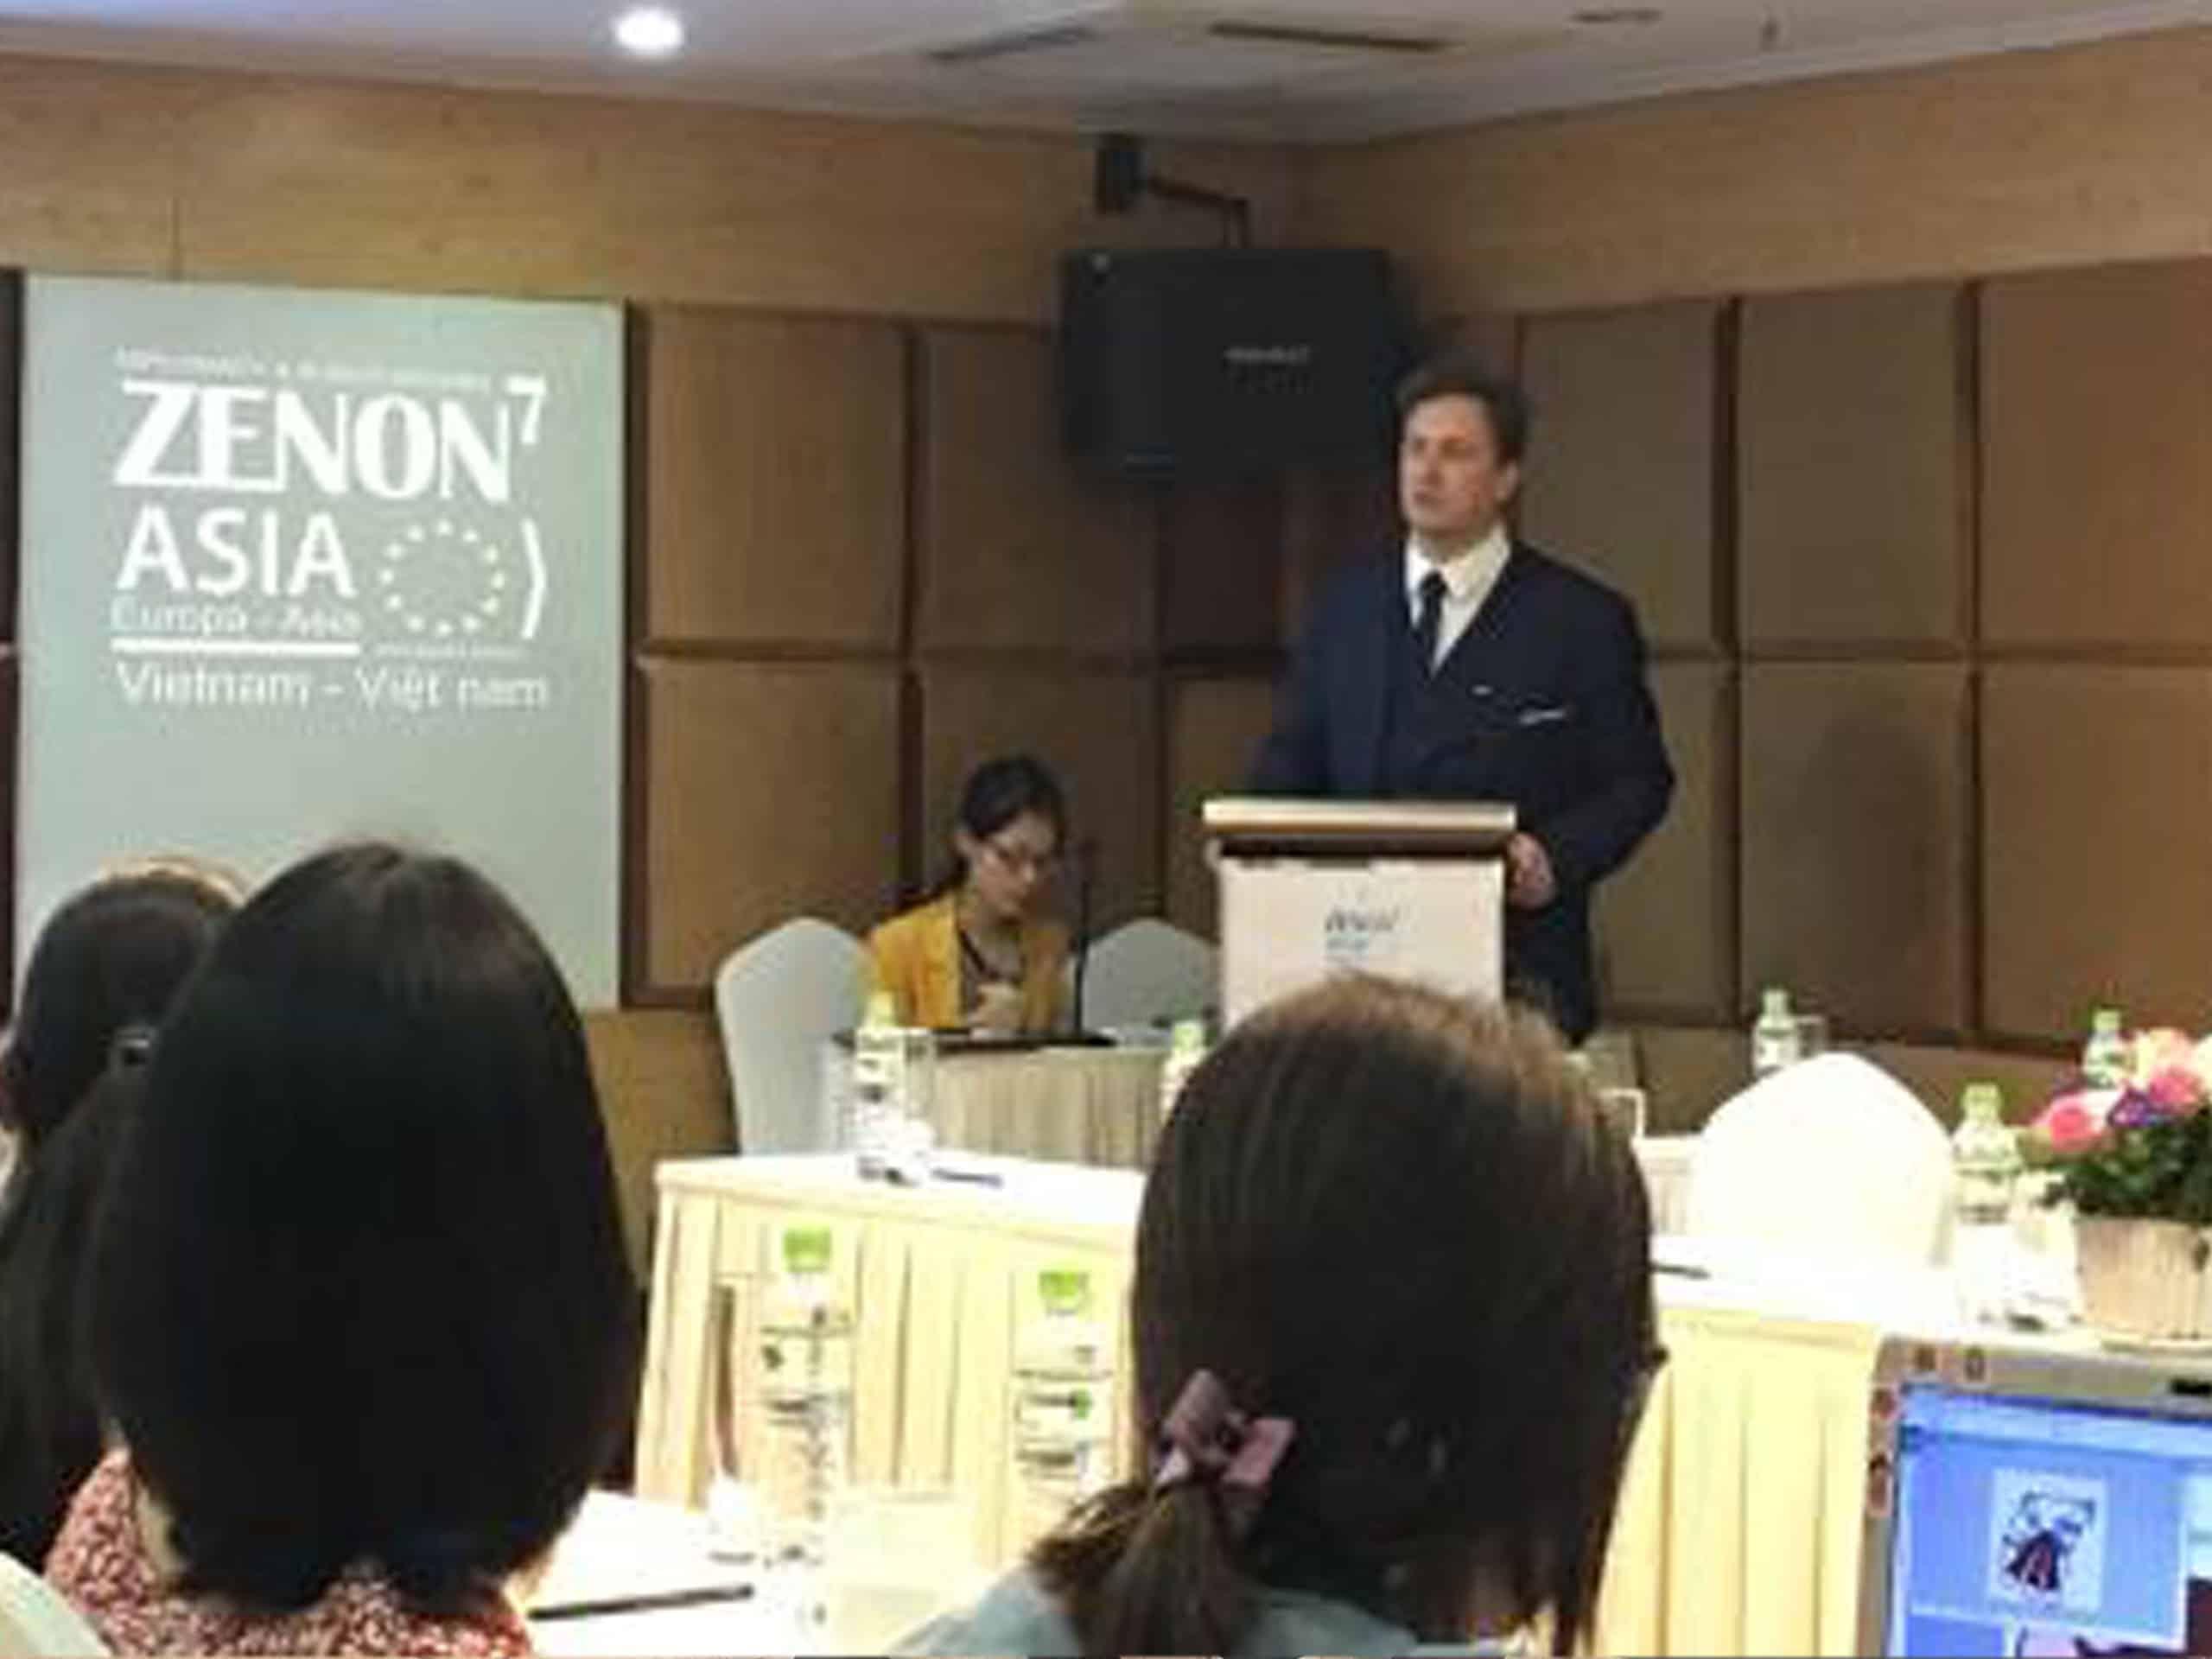 Présentation de l'Économie Circulaire et de l'OCCE par M.Olivier FEIX, Président de ZENON7 à Hanoi au Vietnam